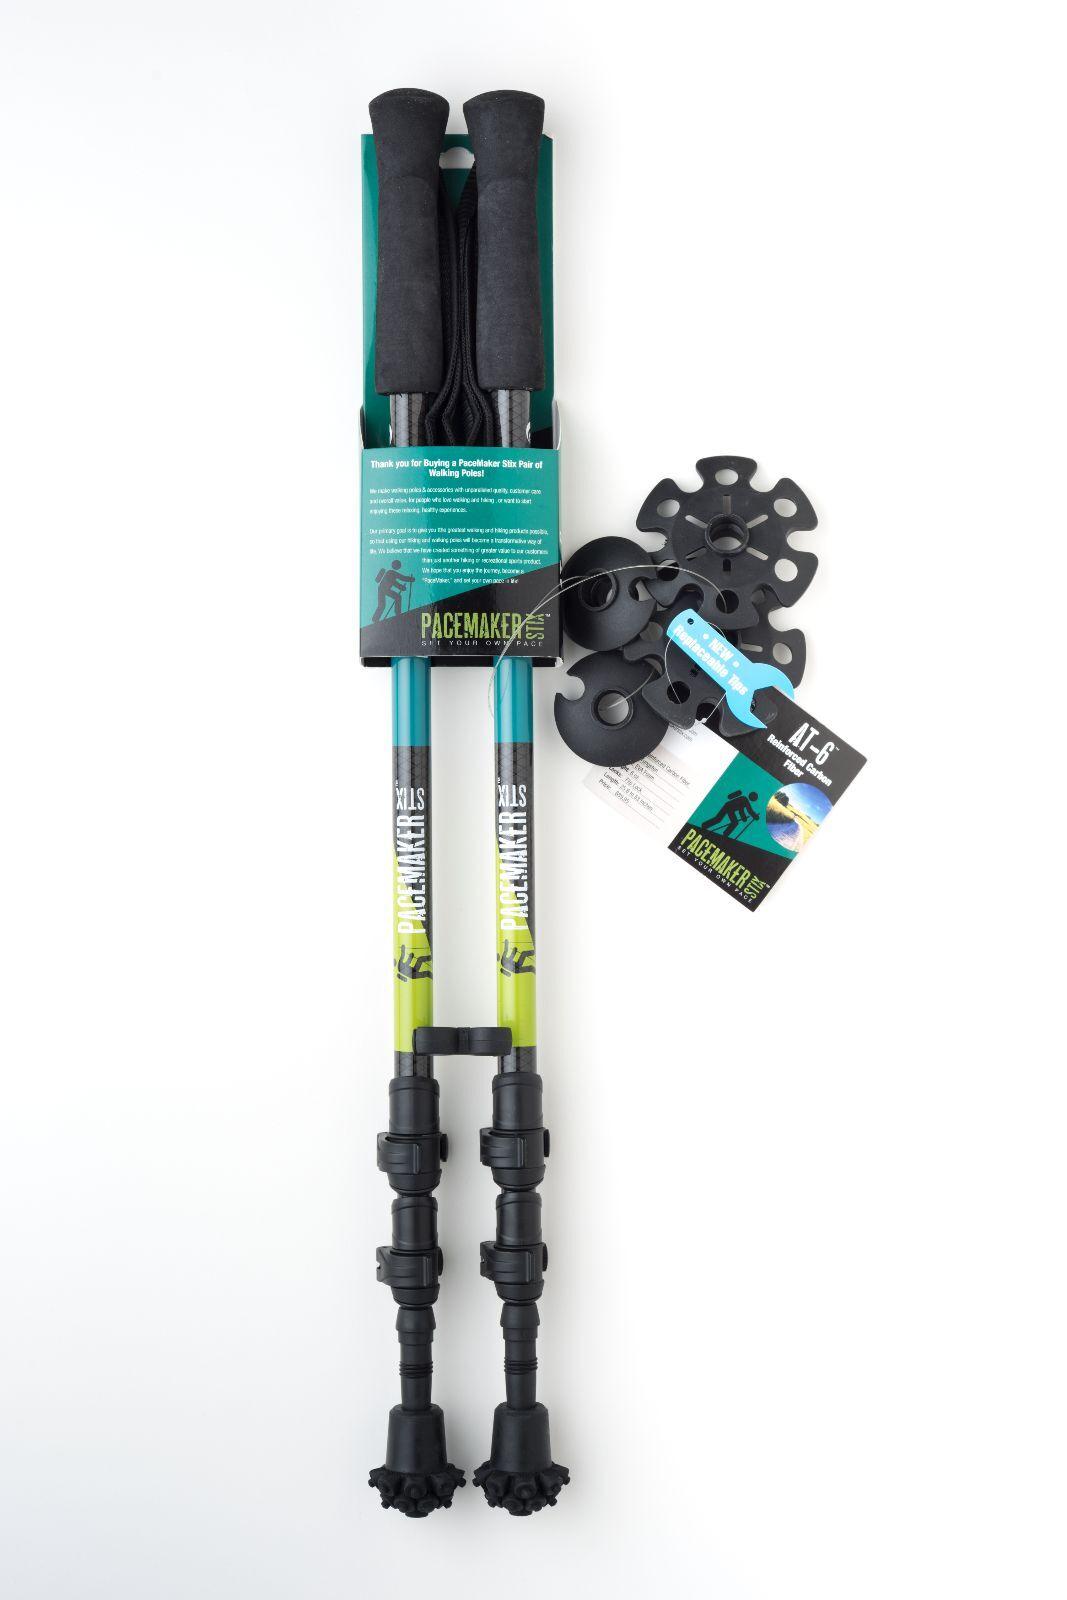 PaceMaker Stix Carbon Fiber AT-6  Ultra-Lightweight Trekking Poles  limit buy